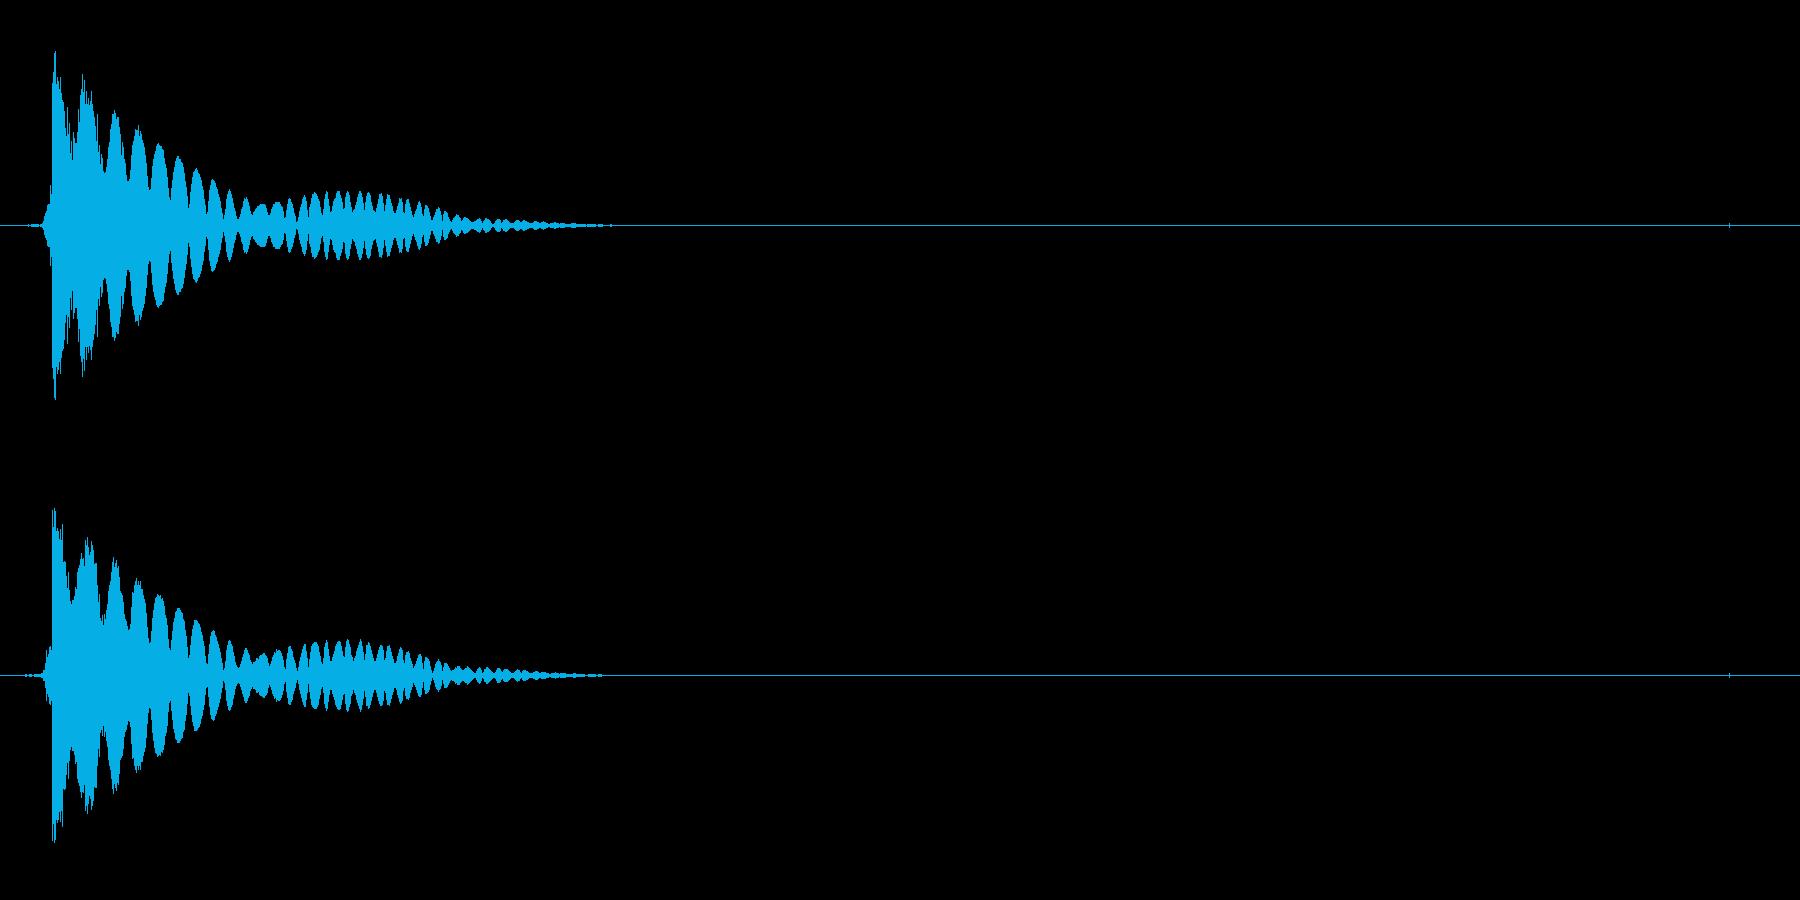 電子機器の起動音(ジュイーン)の再生済みの波形